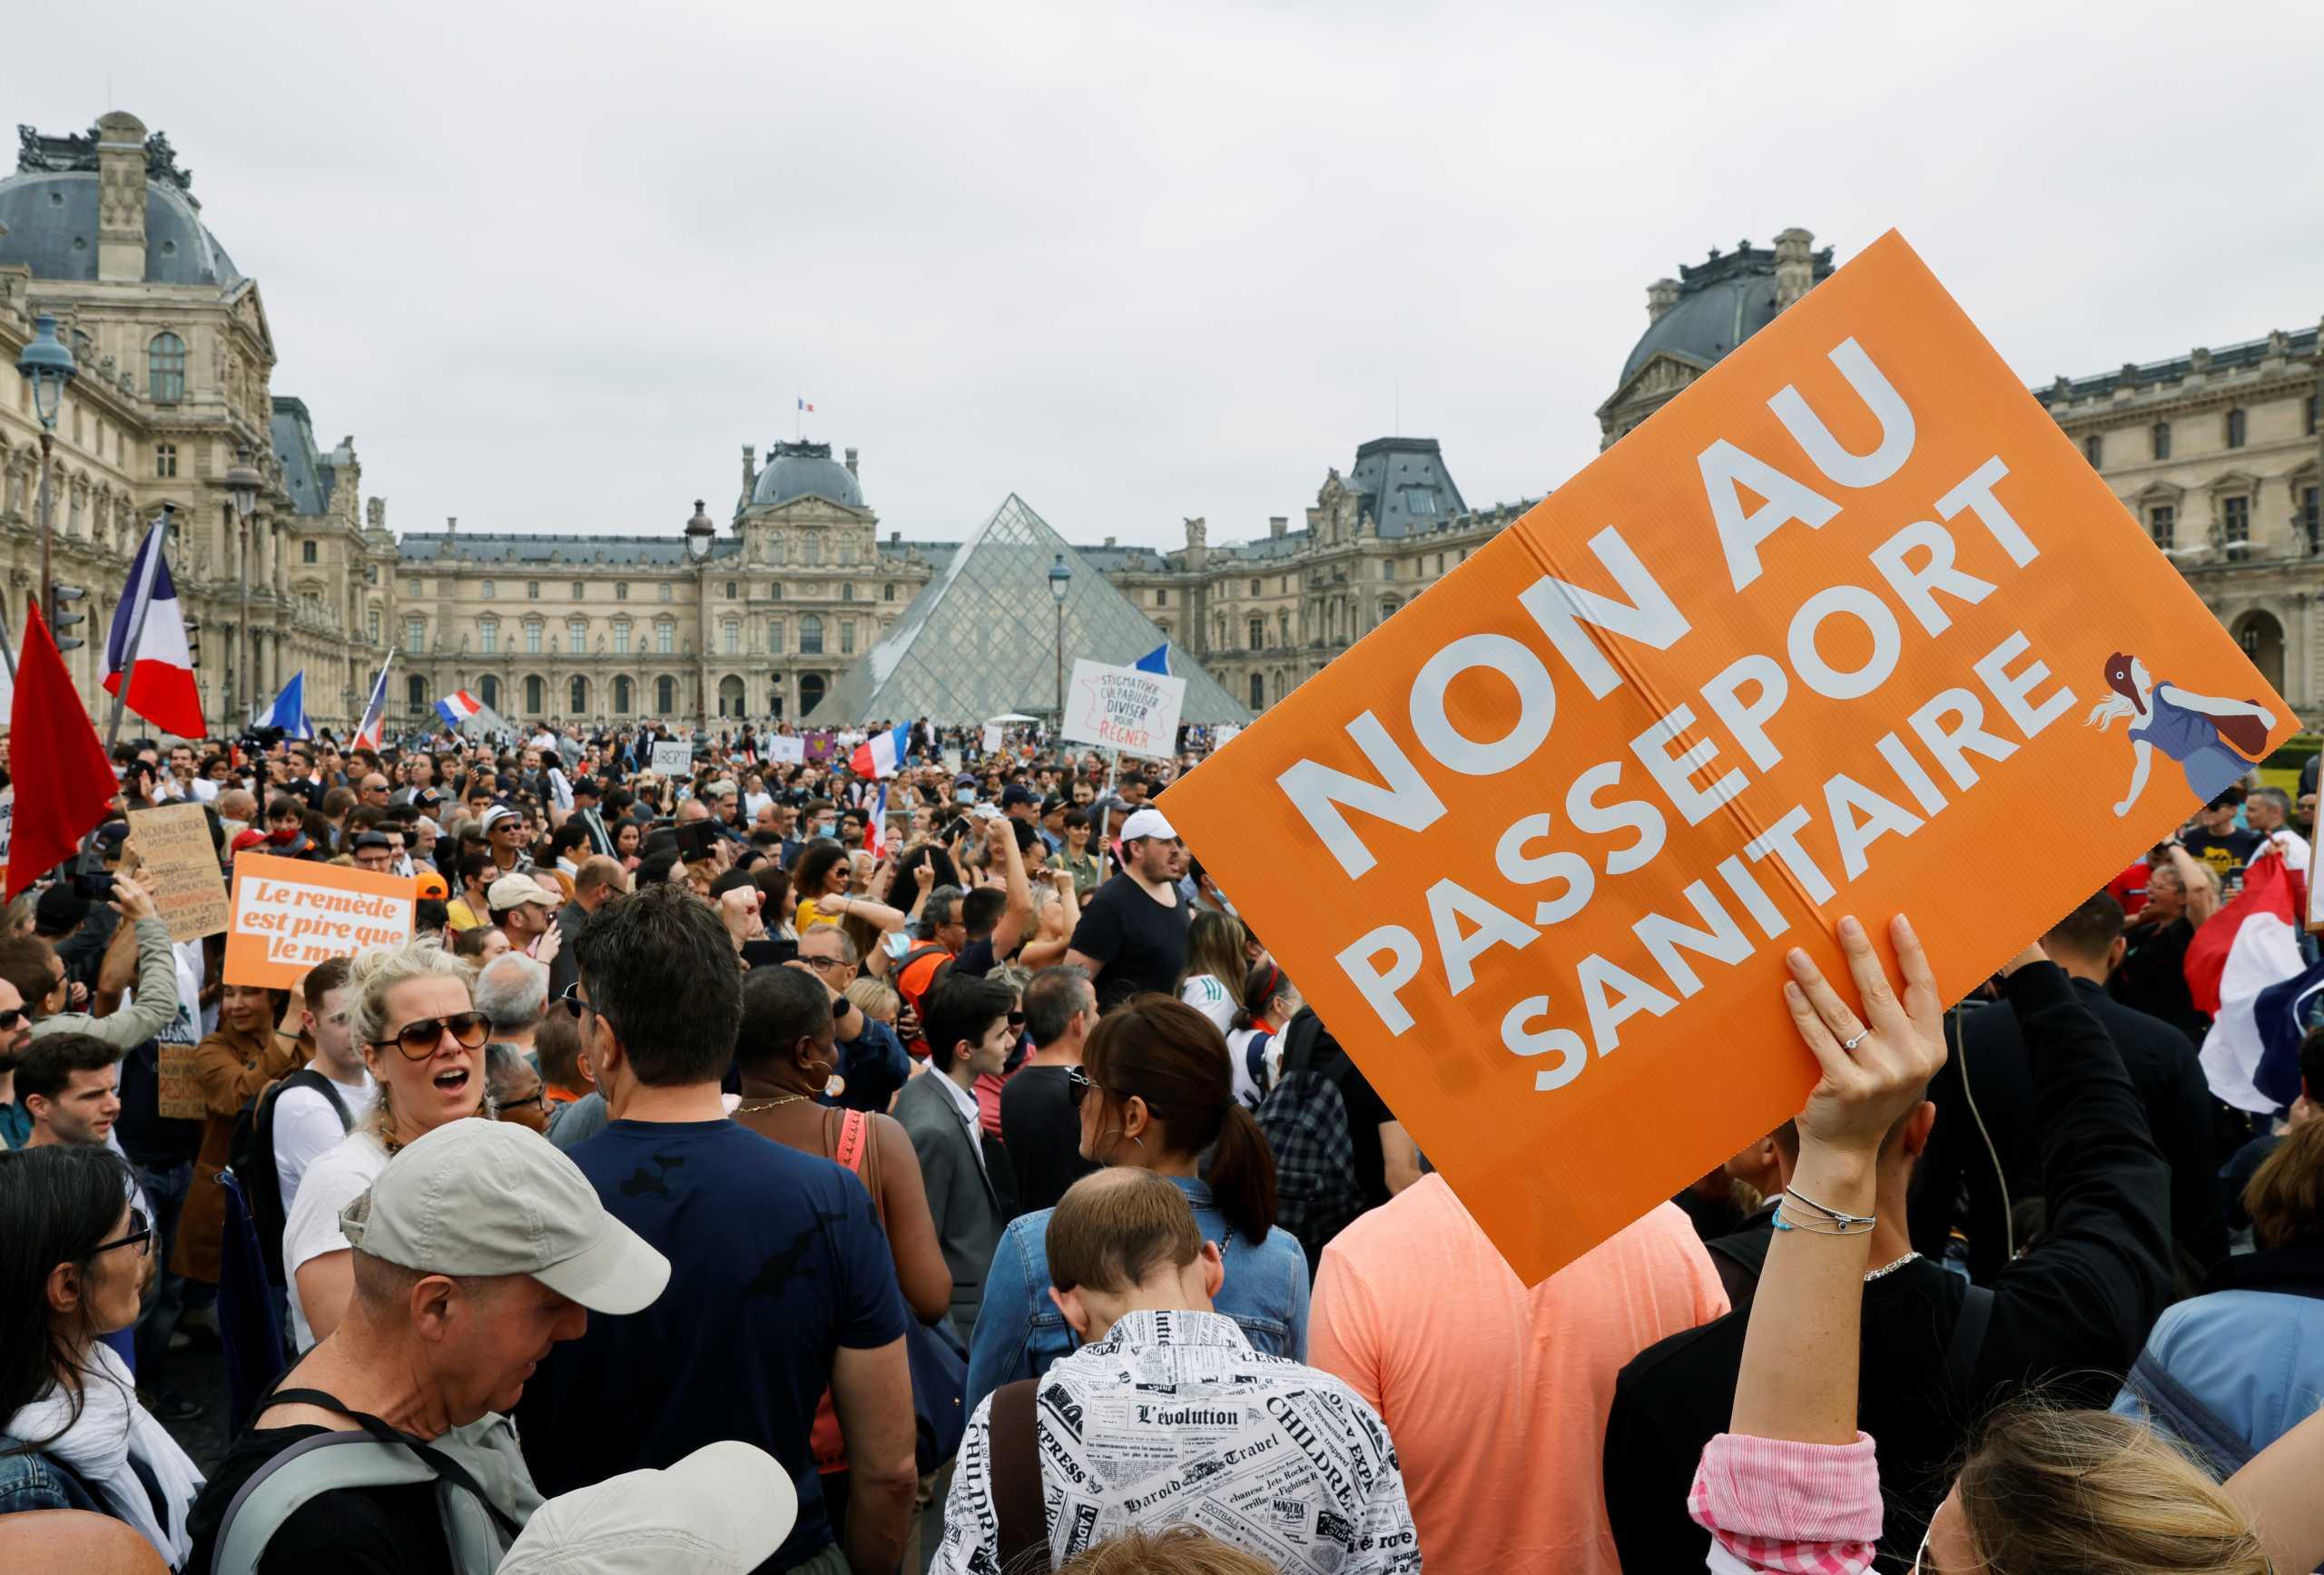 Γαλλία: Διαδηλώσεις κατά του εμβολιασμού για τον κορονοϊό σε πολλές πόλεις